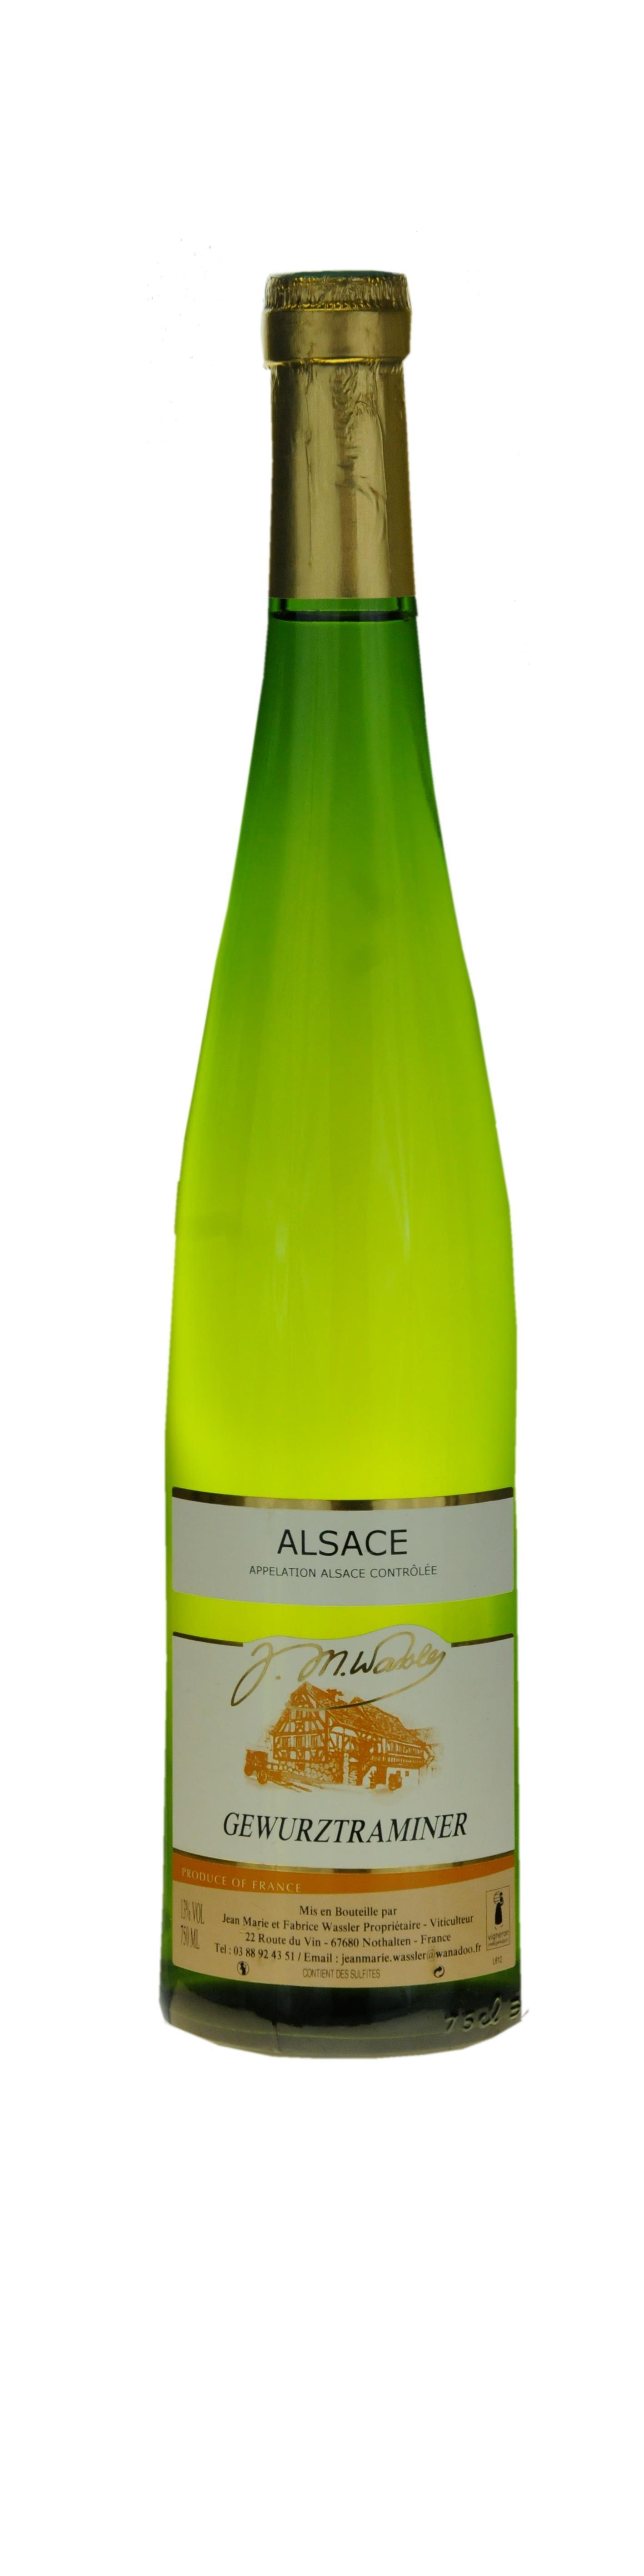 Alsace Gewurztraminer 2013Guide  Gilbert et Gaillard